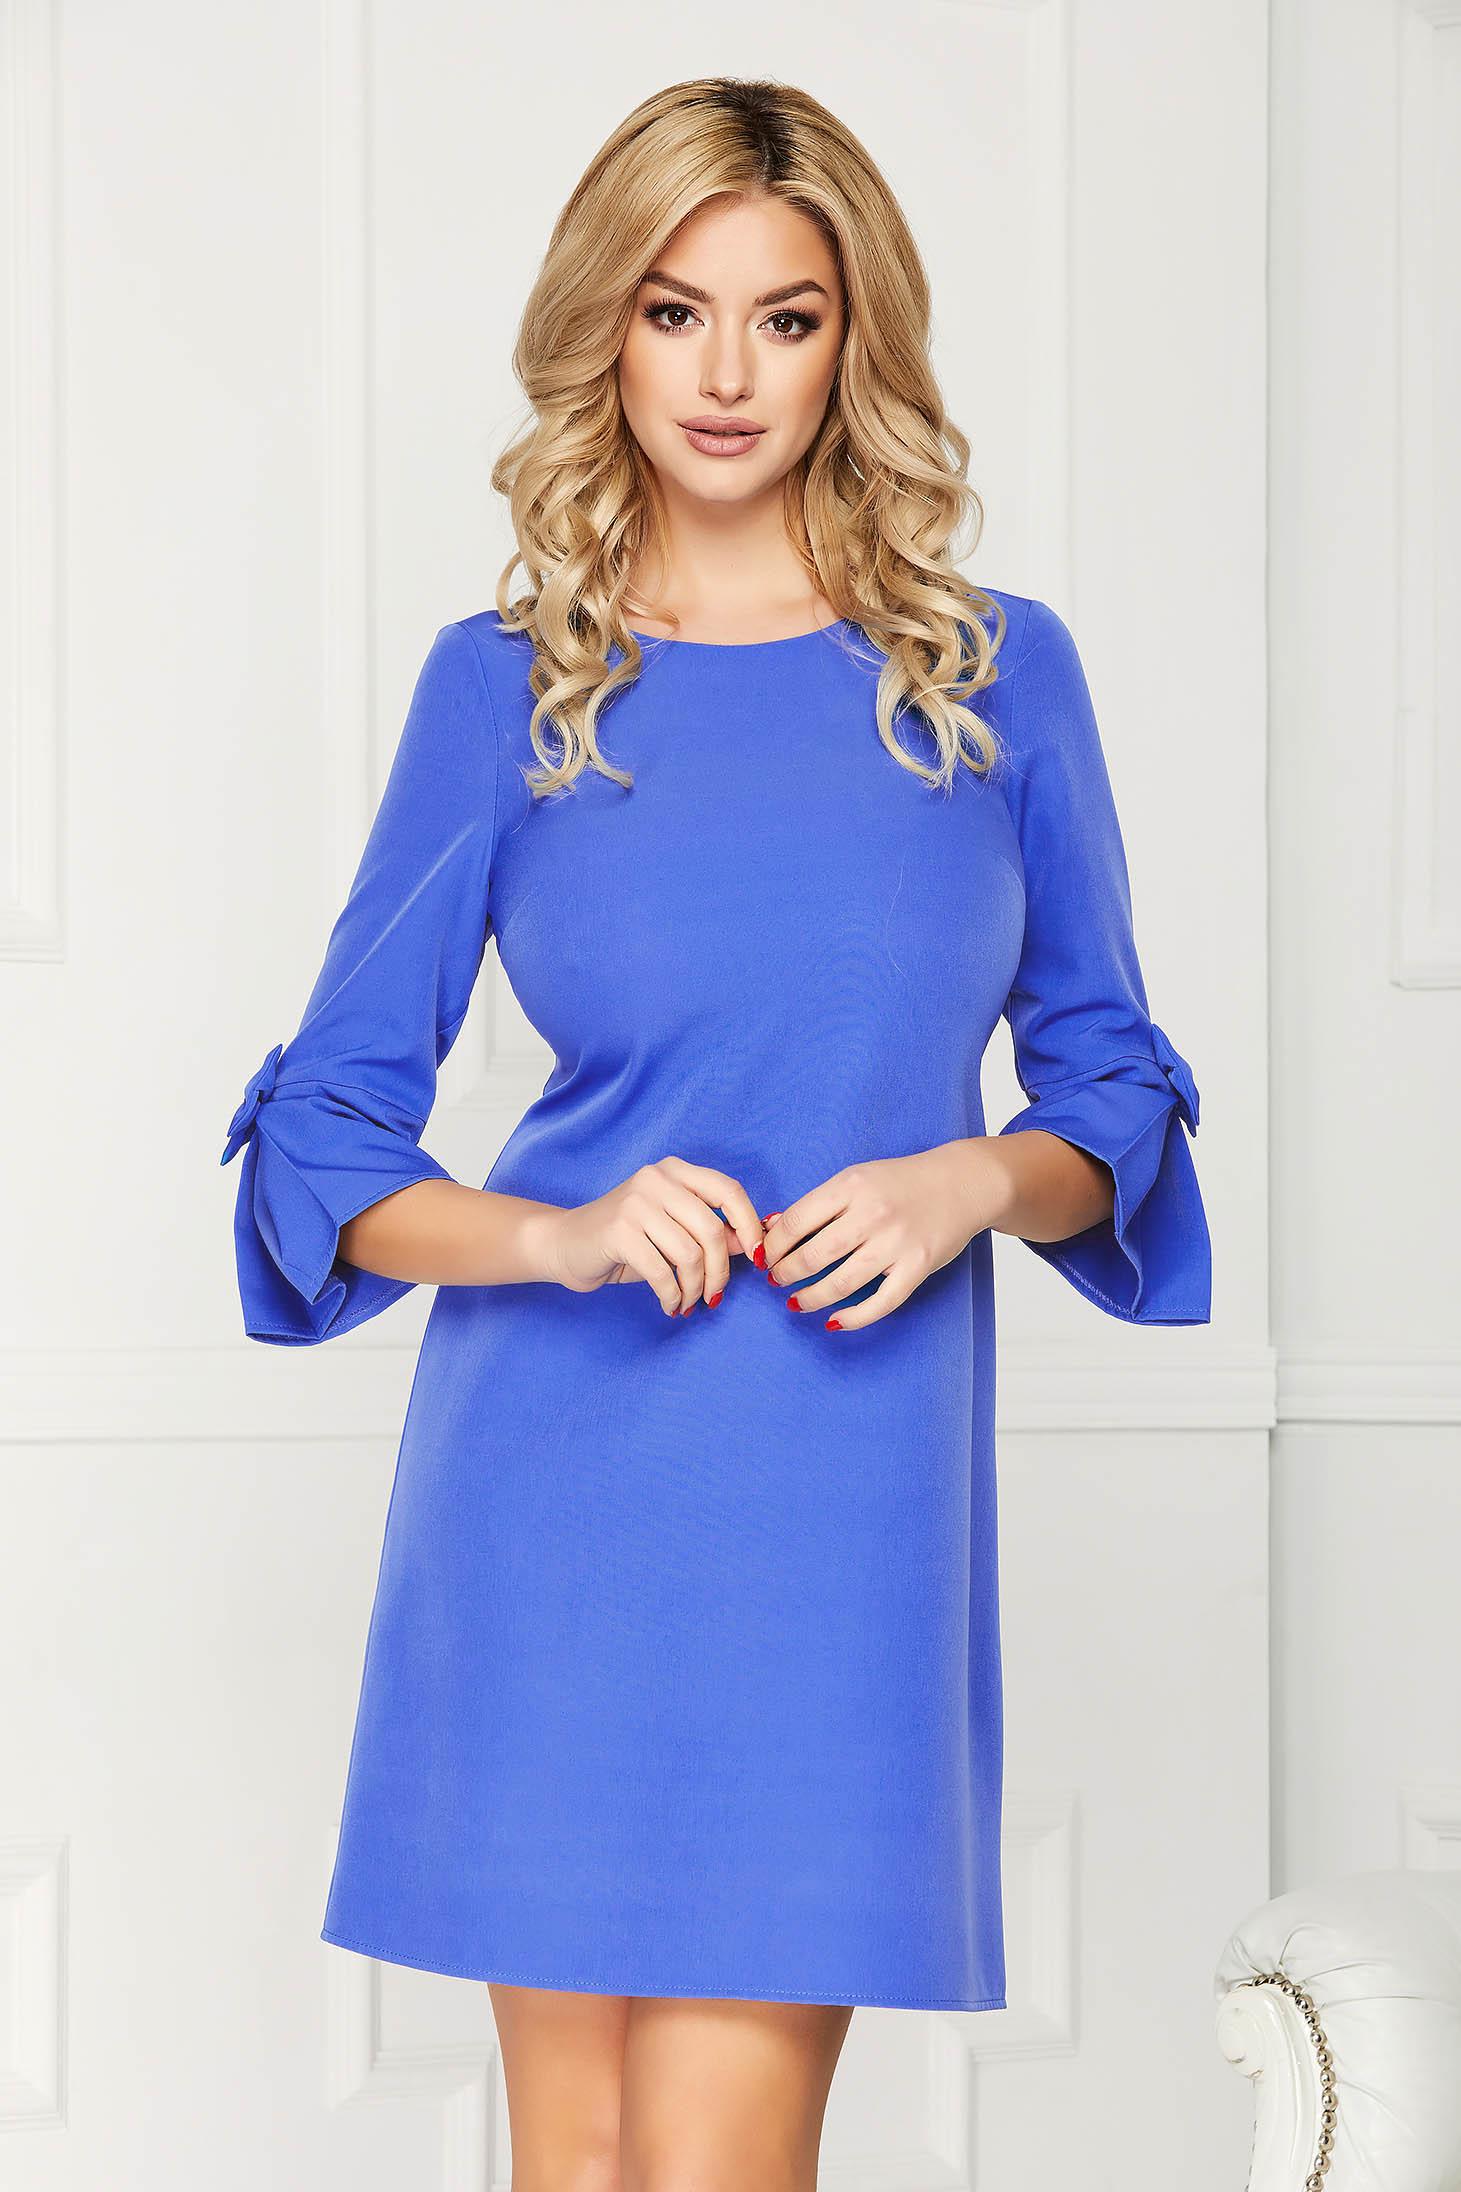 Rochie albastra scurta eleganta din stofa cu un croi drept cu maneci trei-sferturi